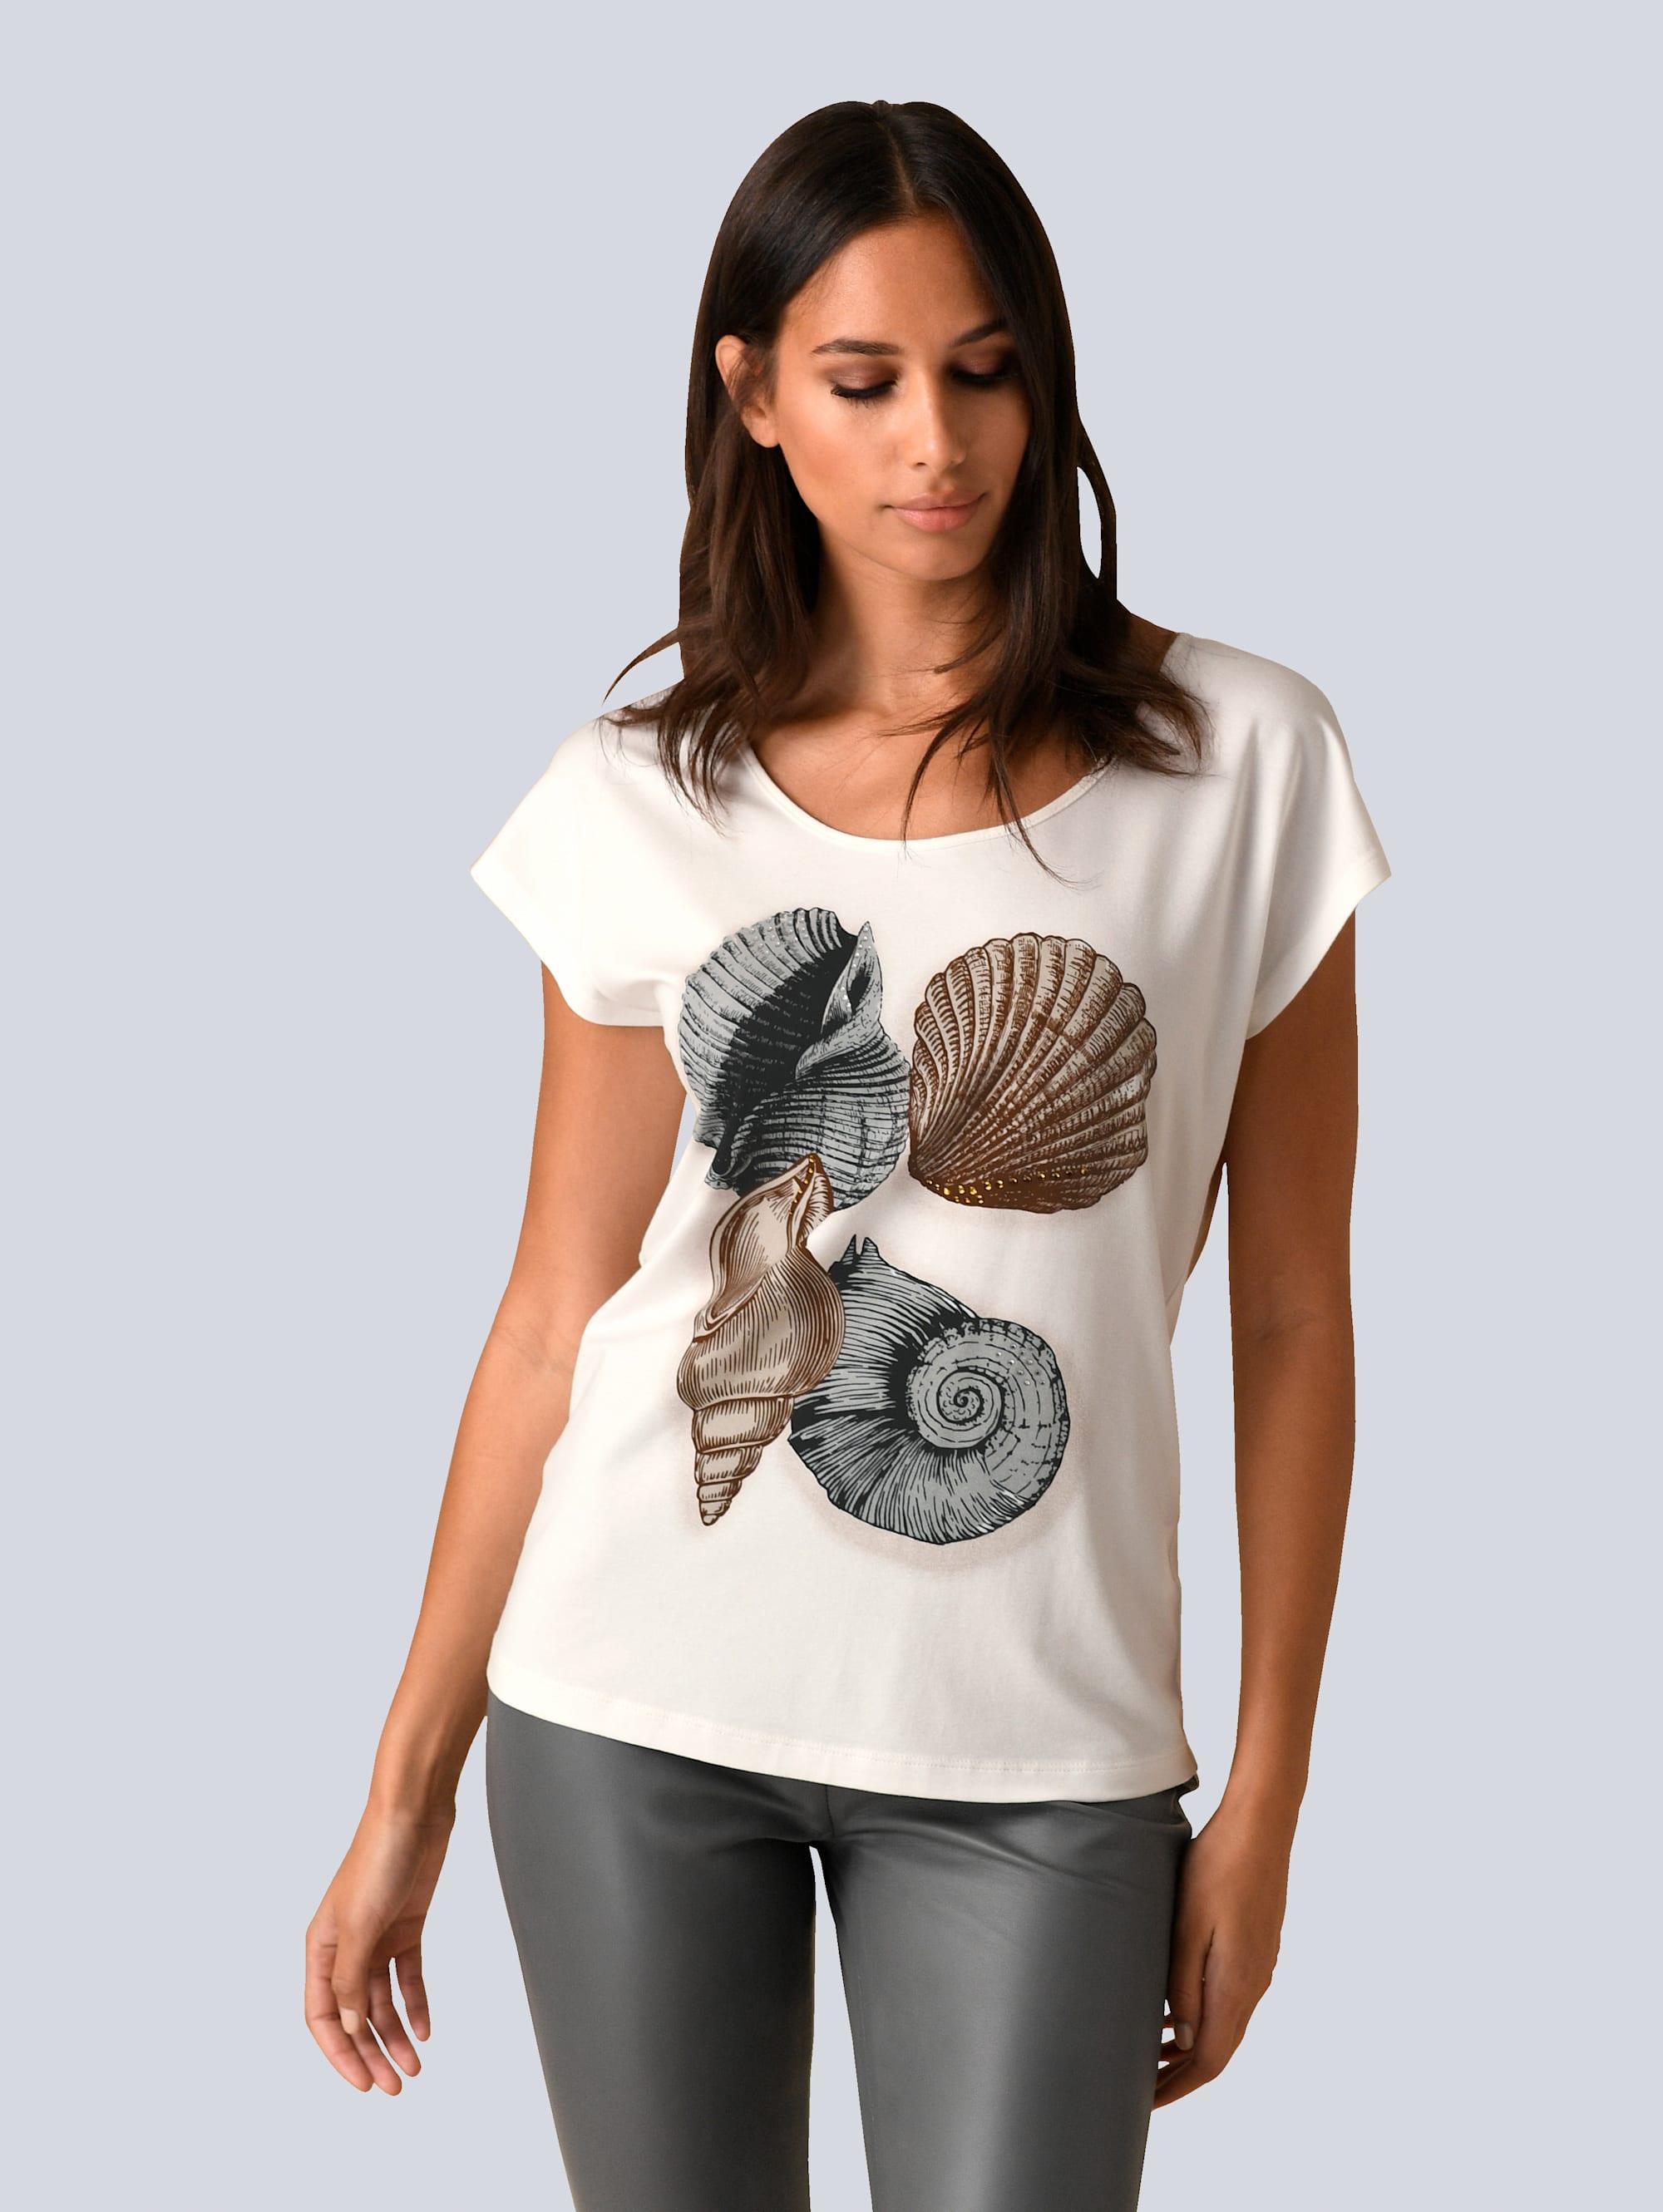 Alba Moda Shirt im sommerlichem Druck FyHak VrPKT